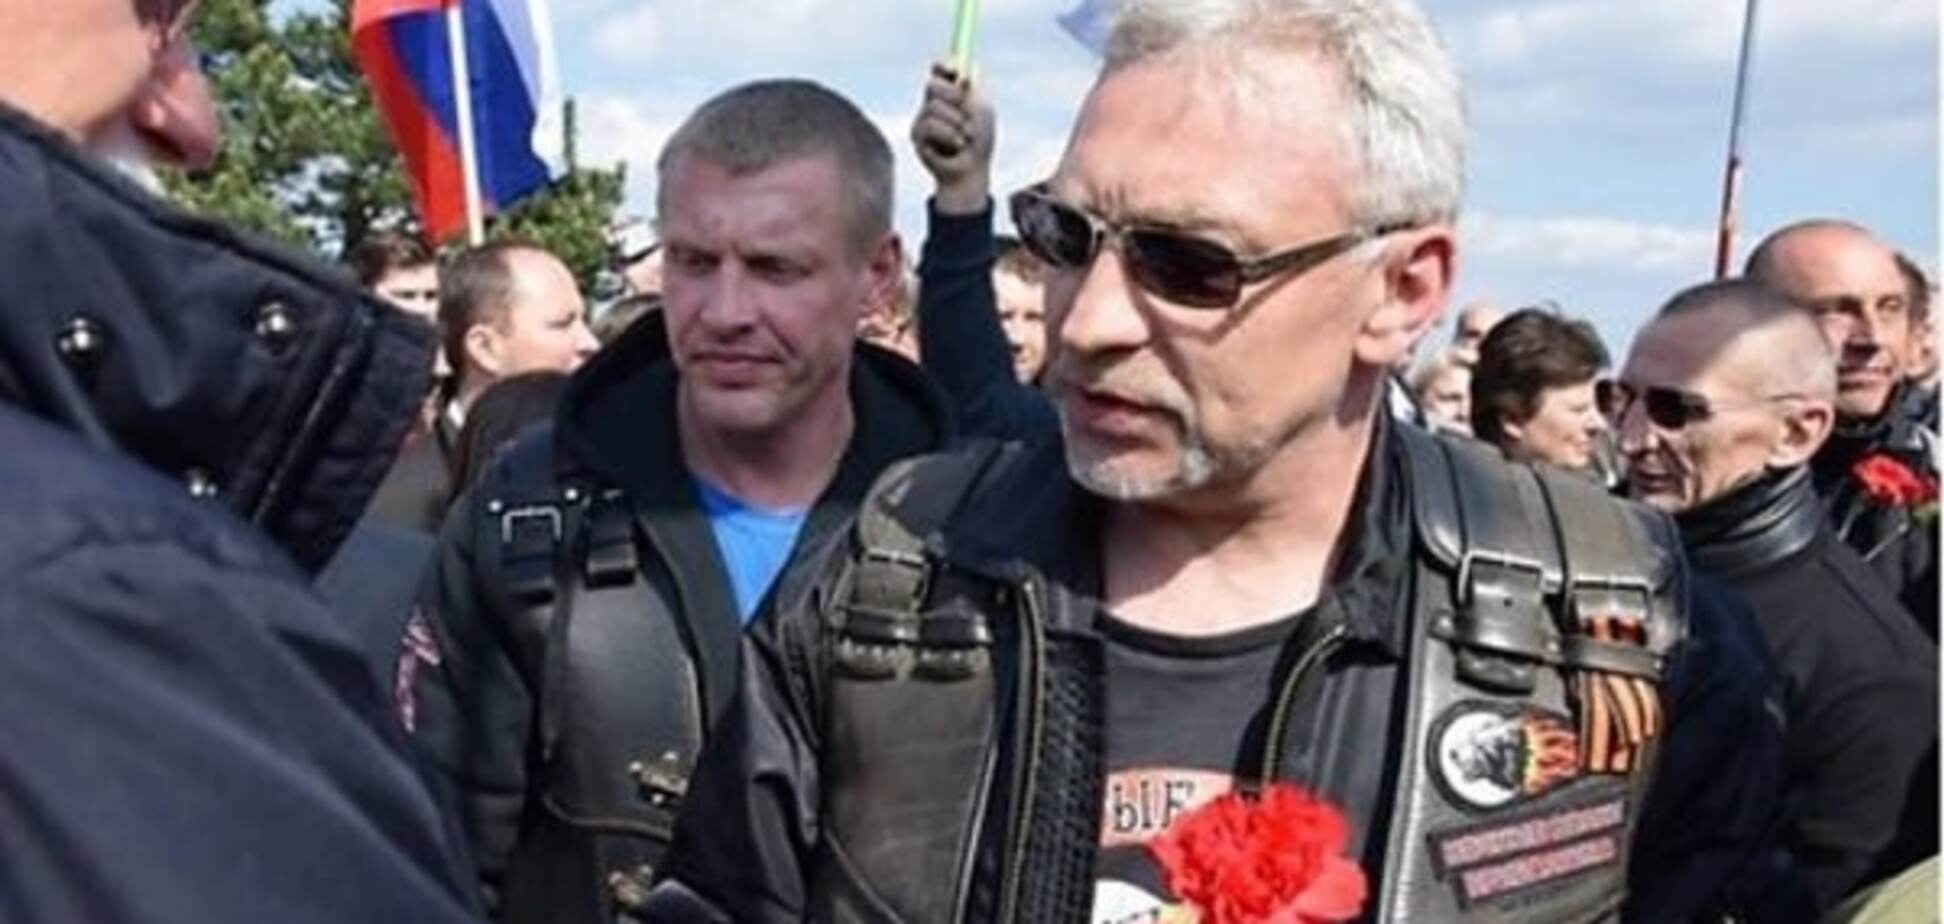 До Берліна не доїде: в Латвії затримали одного з 'вовків' Путіна. Відеофакт